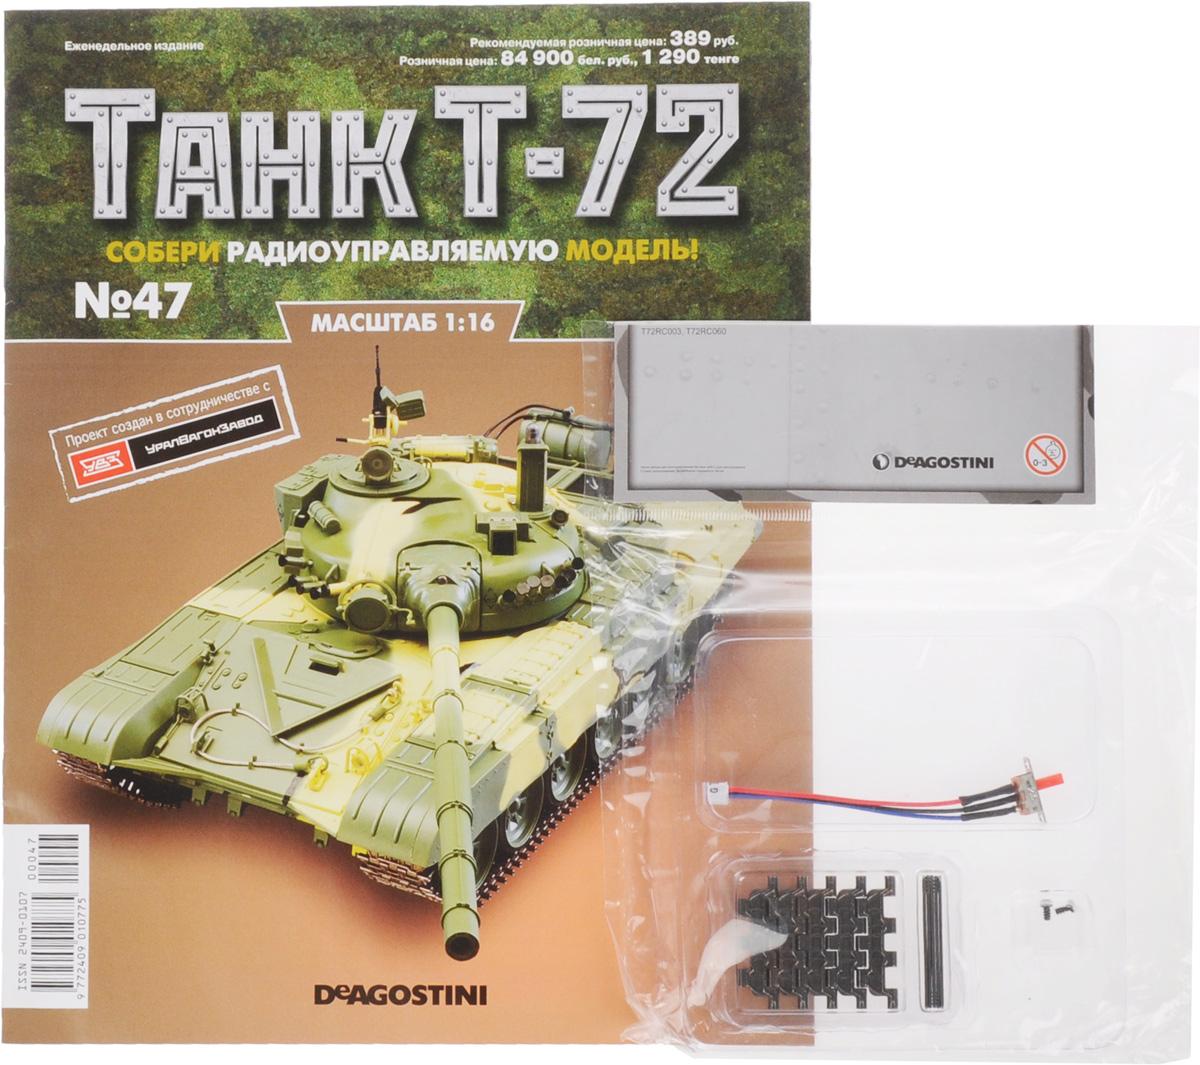 Журнал Танк Т-72 №47TRC047Перед вами - журнал из уникальной серии партворков Танк Т-72 с увлекательной информацией о легендарных боевых машинах и элементами для сборки копии танка Т-72 в уменьшенном варианте 1:16. У вас есть возможность собственноручно создать высококачественную модель этого знаменитого танка с достоверным воспроизведением всех элементов, сохранением функций подлинной боевой машины и дистанционным управлением. В комплекте: 1. Набор штифтов и траков. 2. Переключатель управления Wi-Fi. Категория 16+.